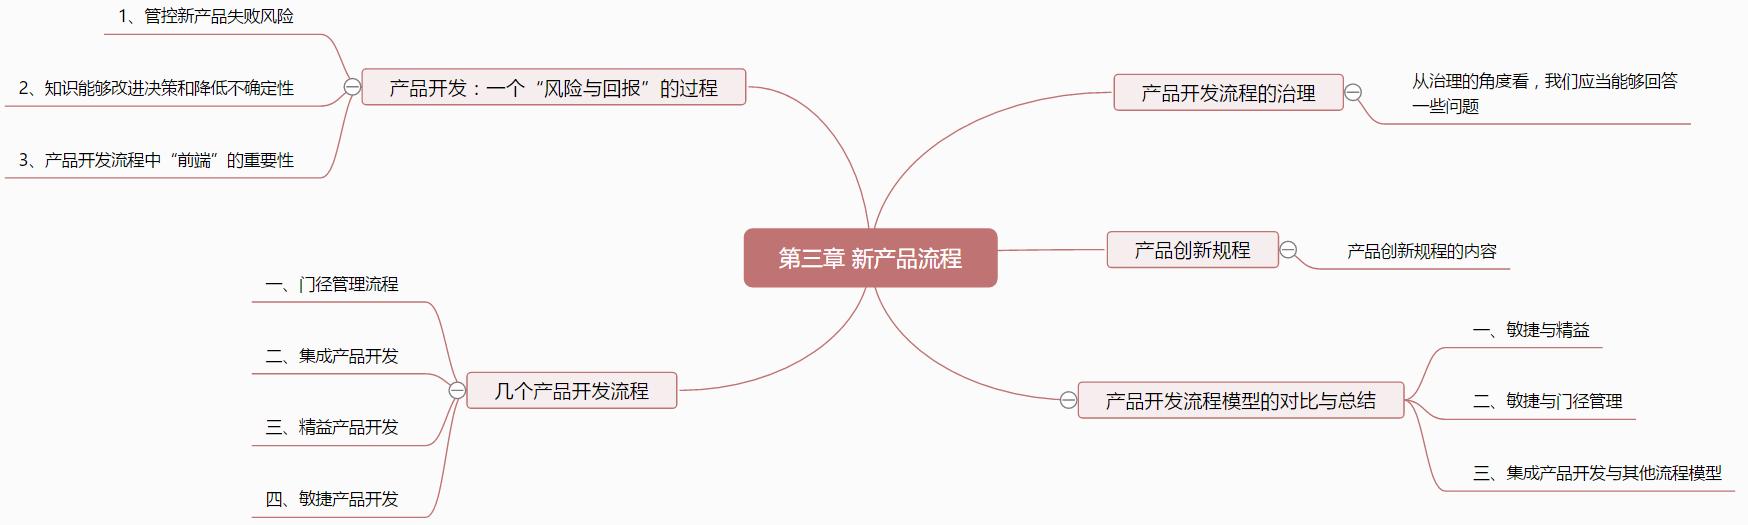 3.5 产品创新规程